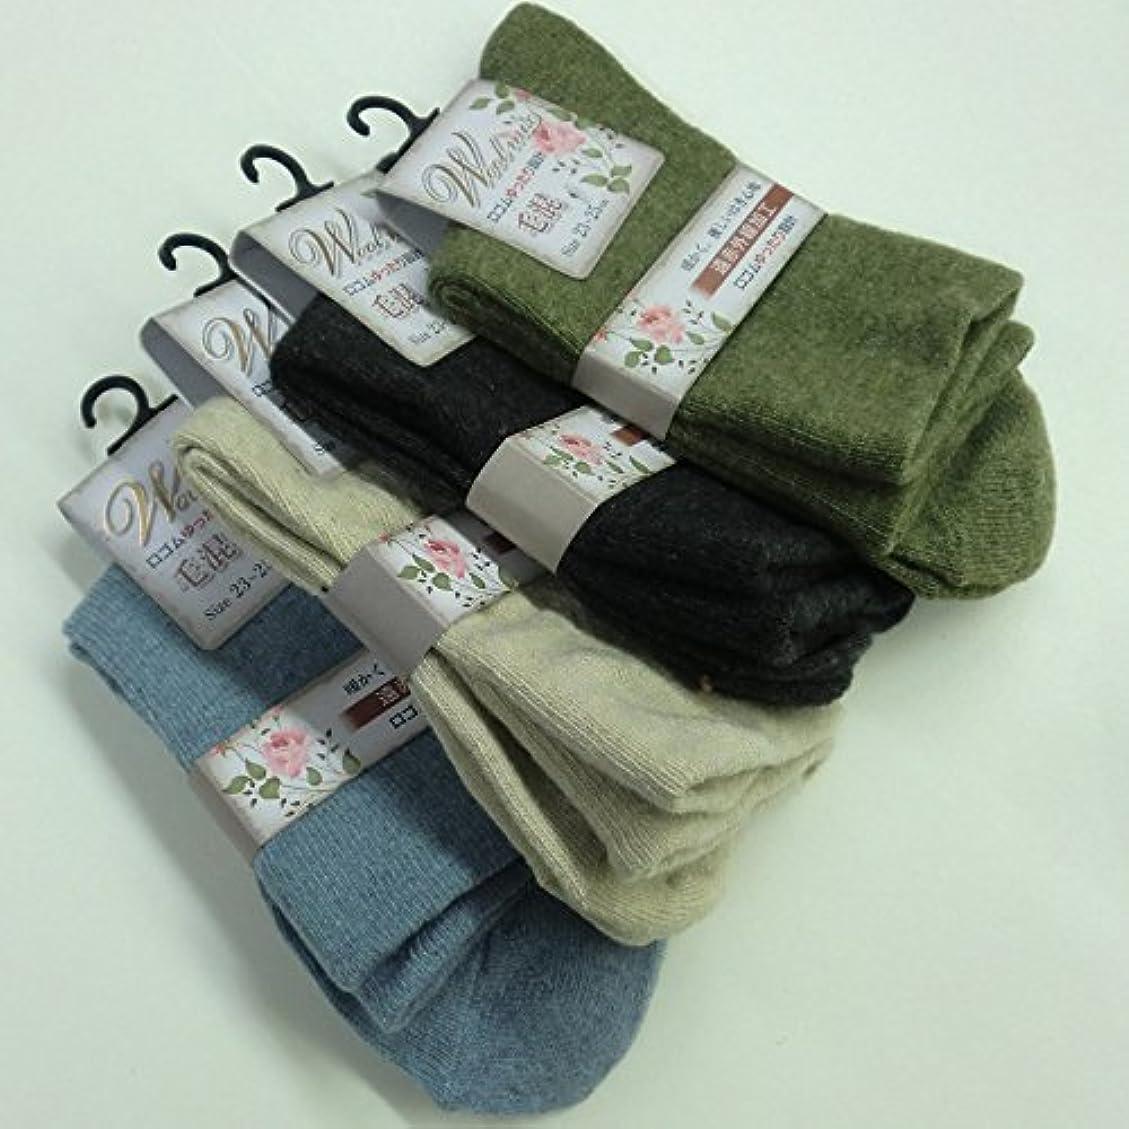 マラウイ注文感動する靴下 レディース あったか ソックス ふんわり毛混 ウール混 口ゴムゆったり 23-25cm お買得4足組(色はお任せ)